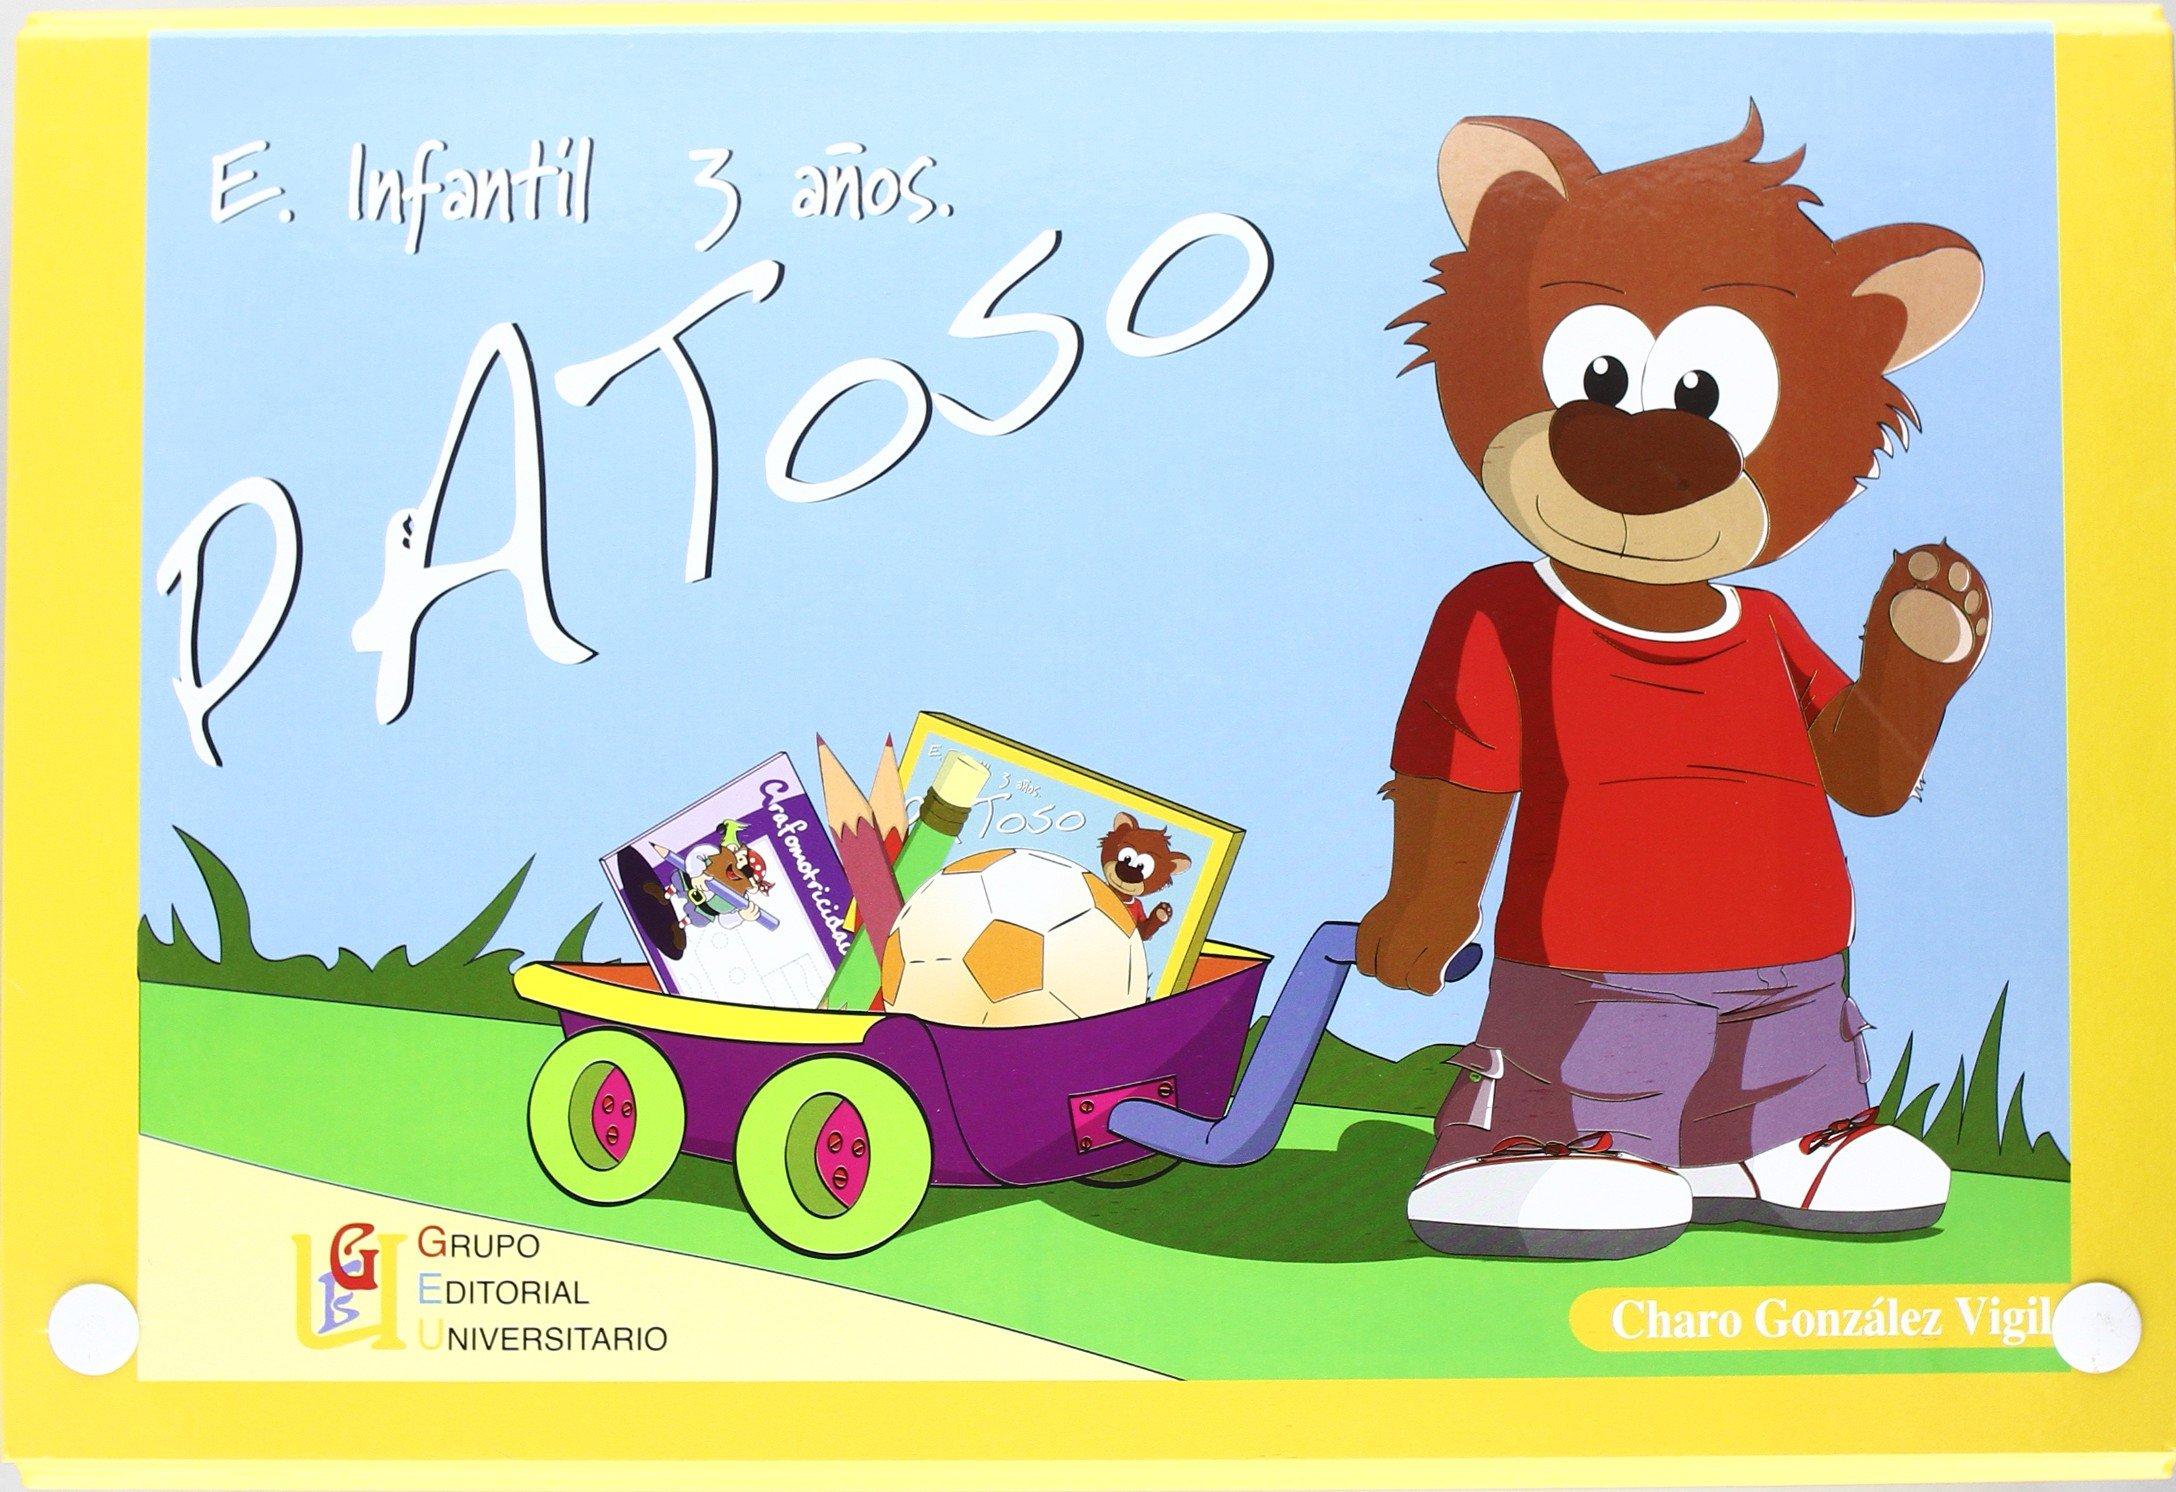 PATOSO E INFANTIL 3 AÑOS (ESTUCHE): geu: 9788484918288 ...